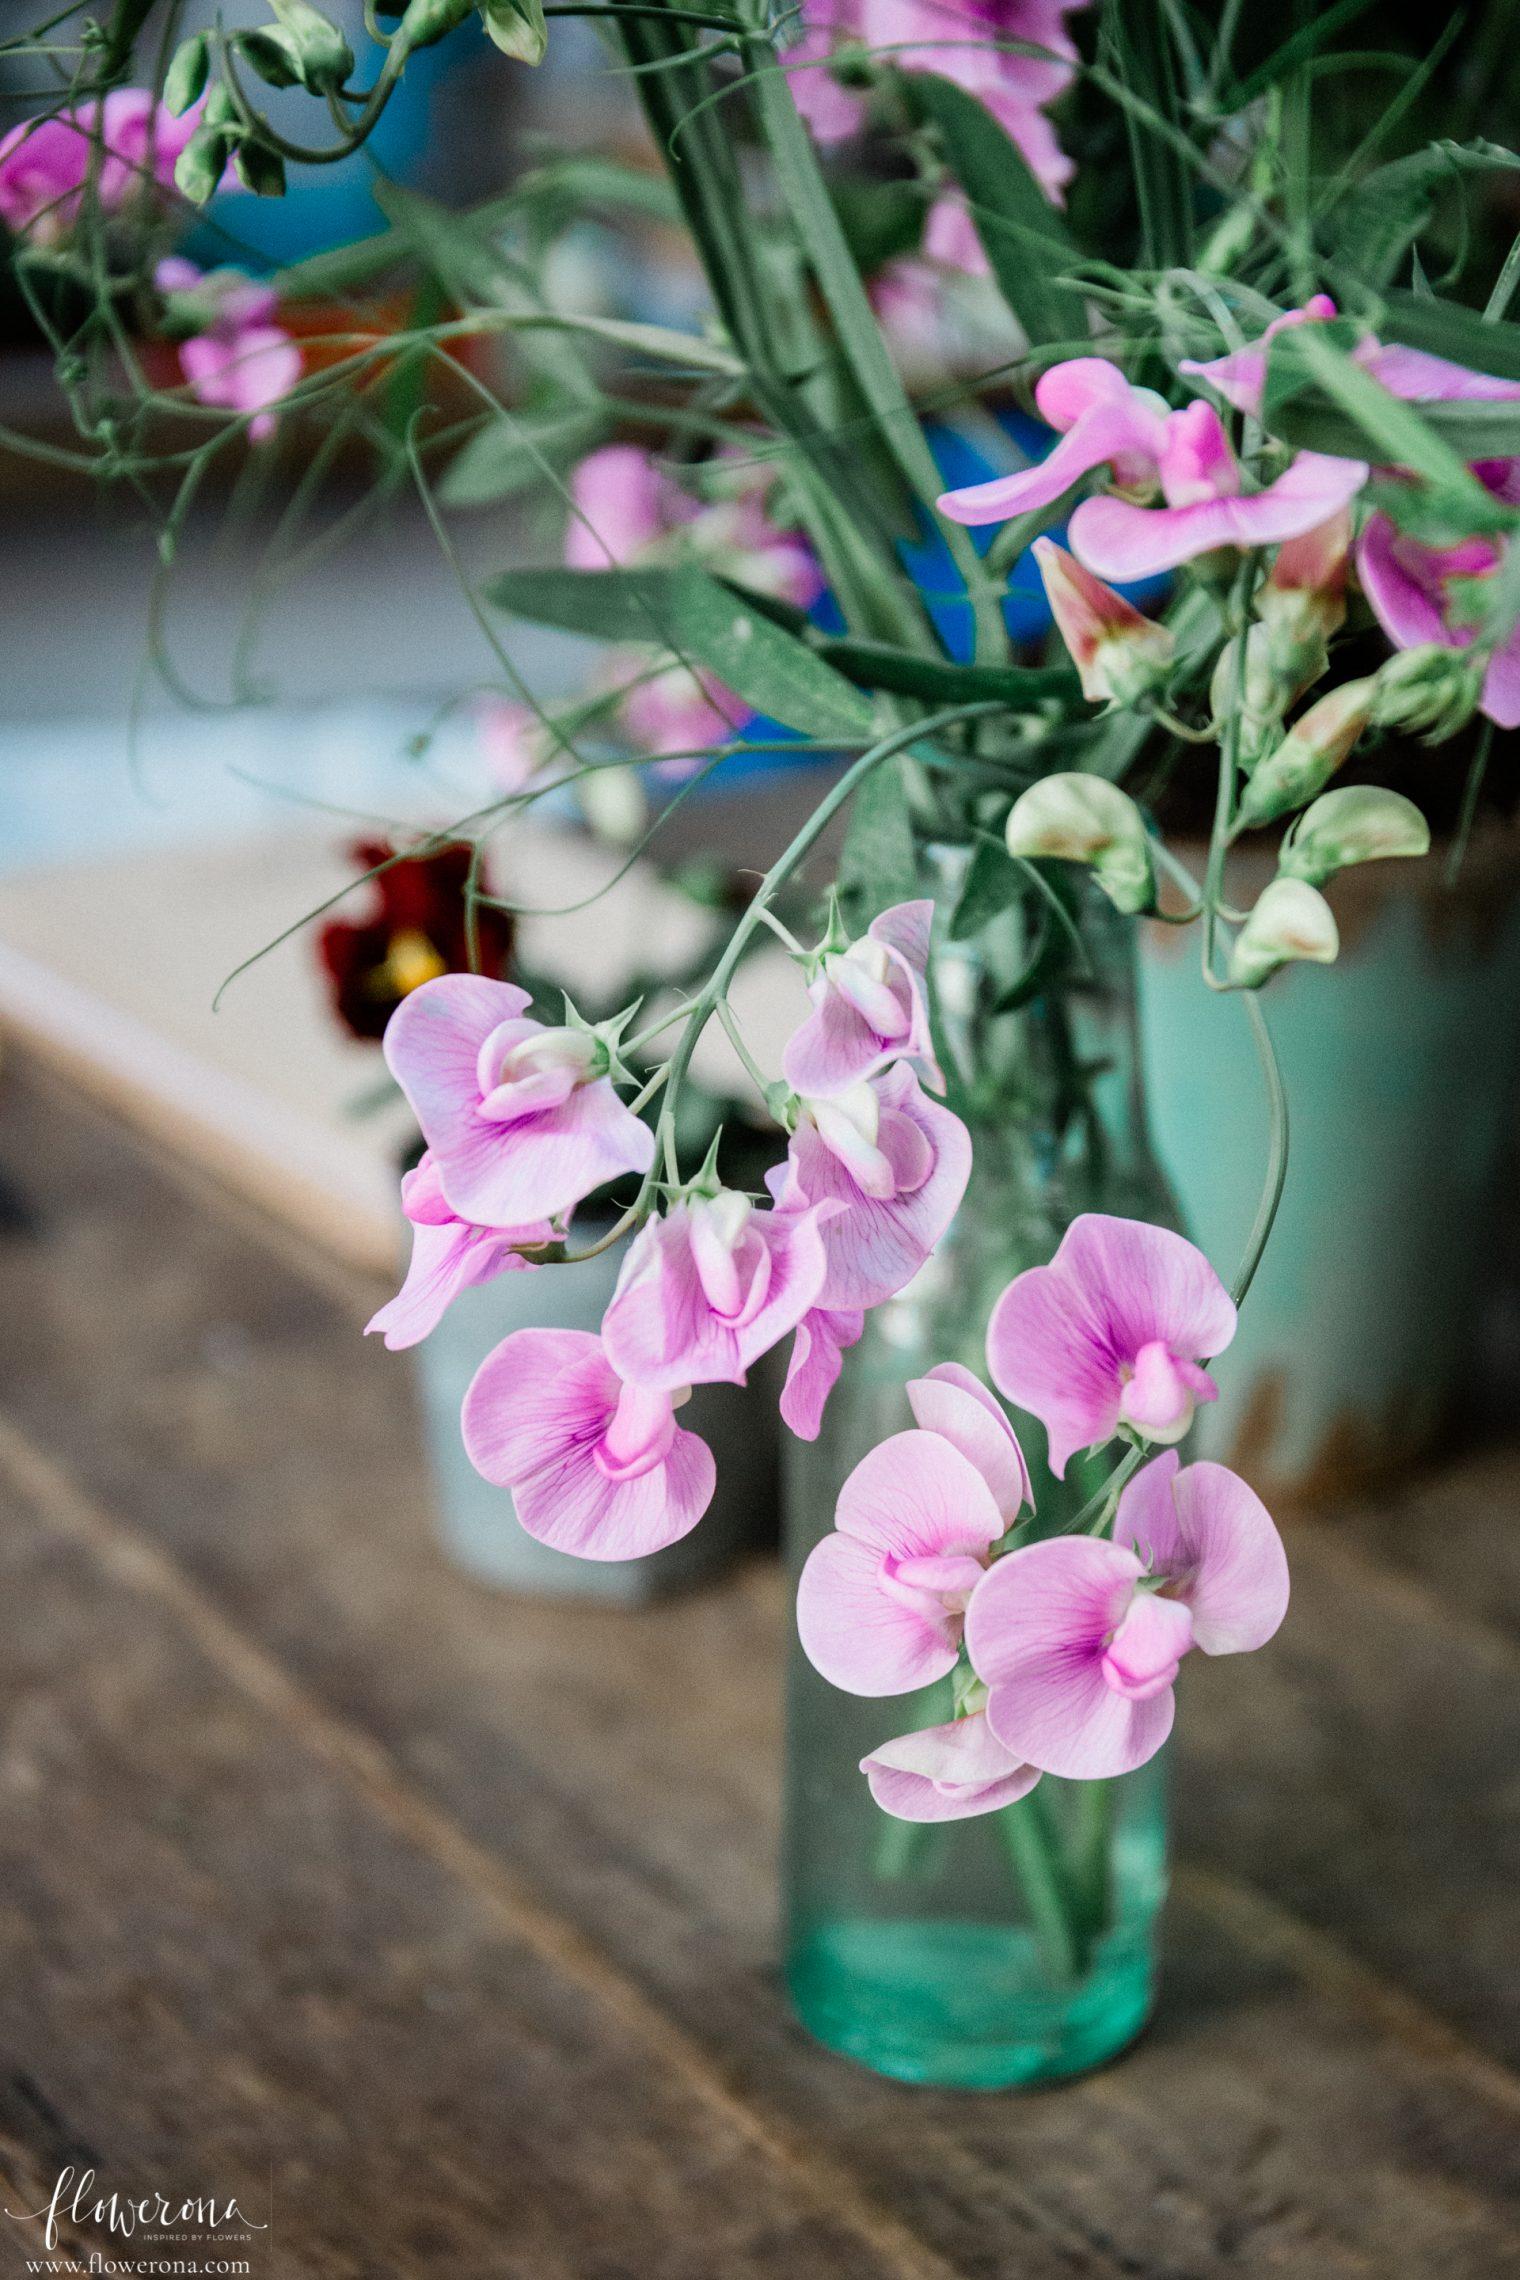 Flowers at the JamJar Flowers Studio